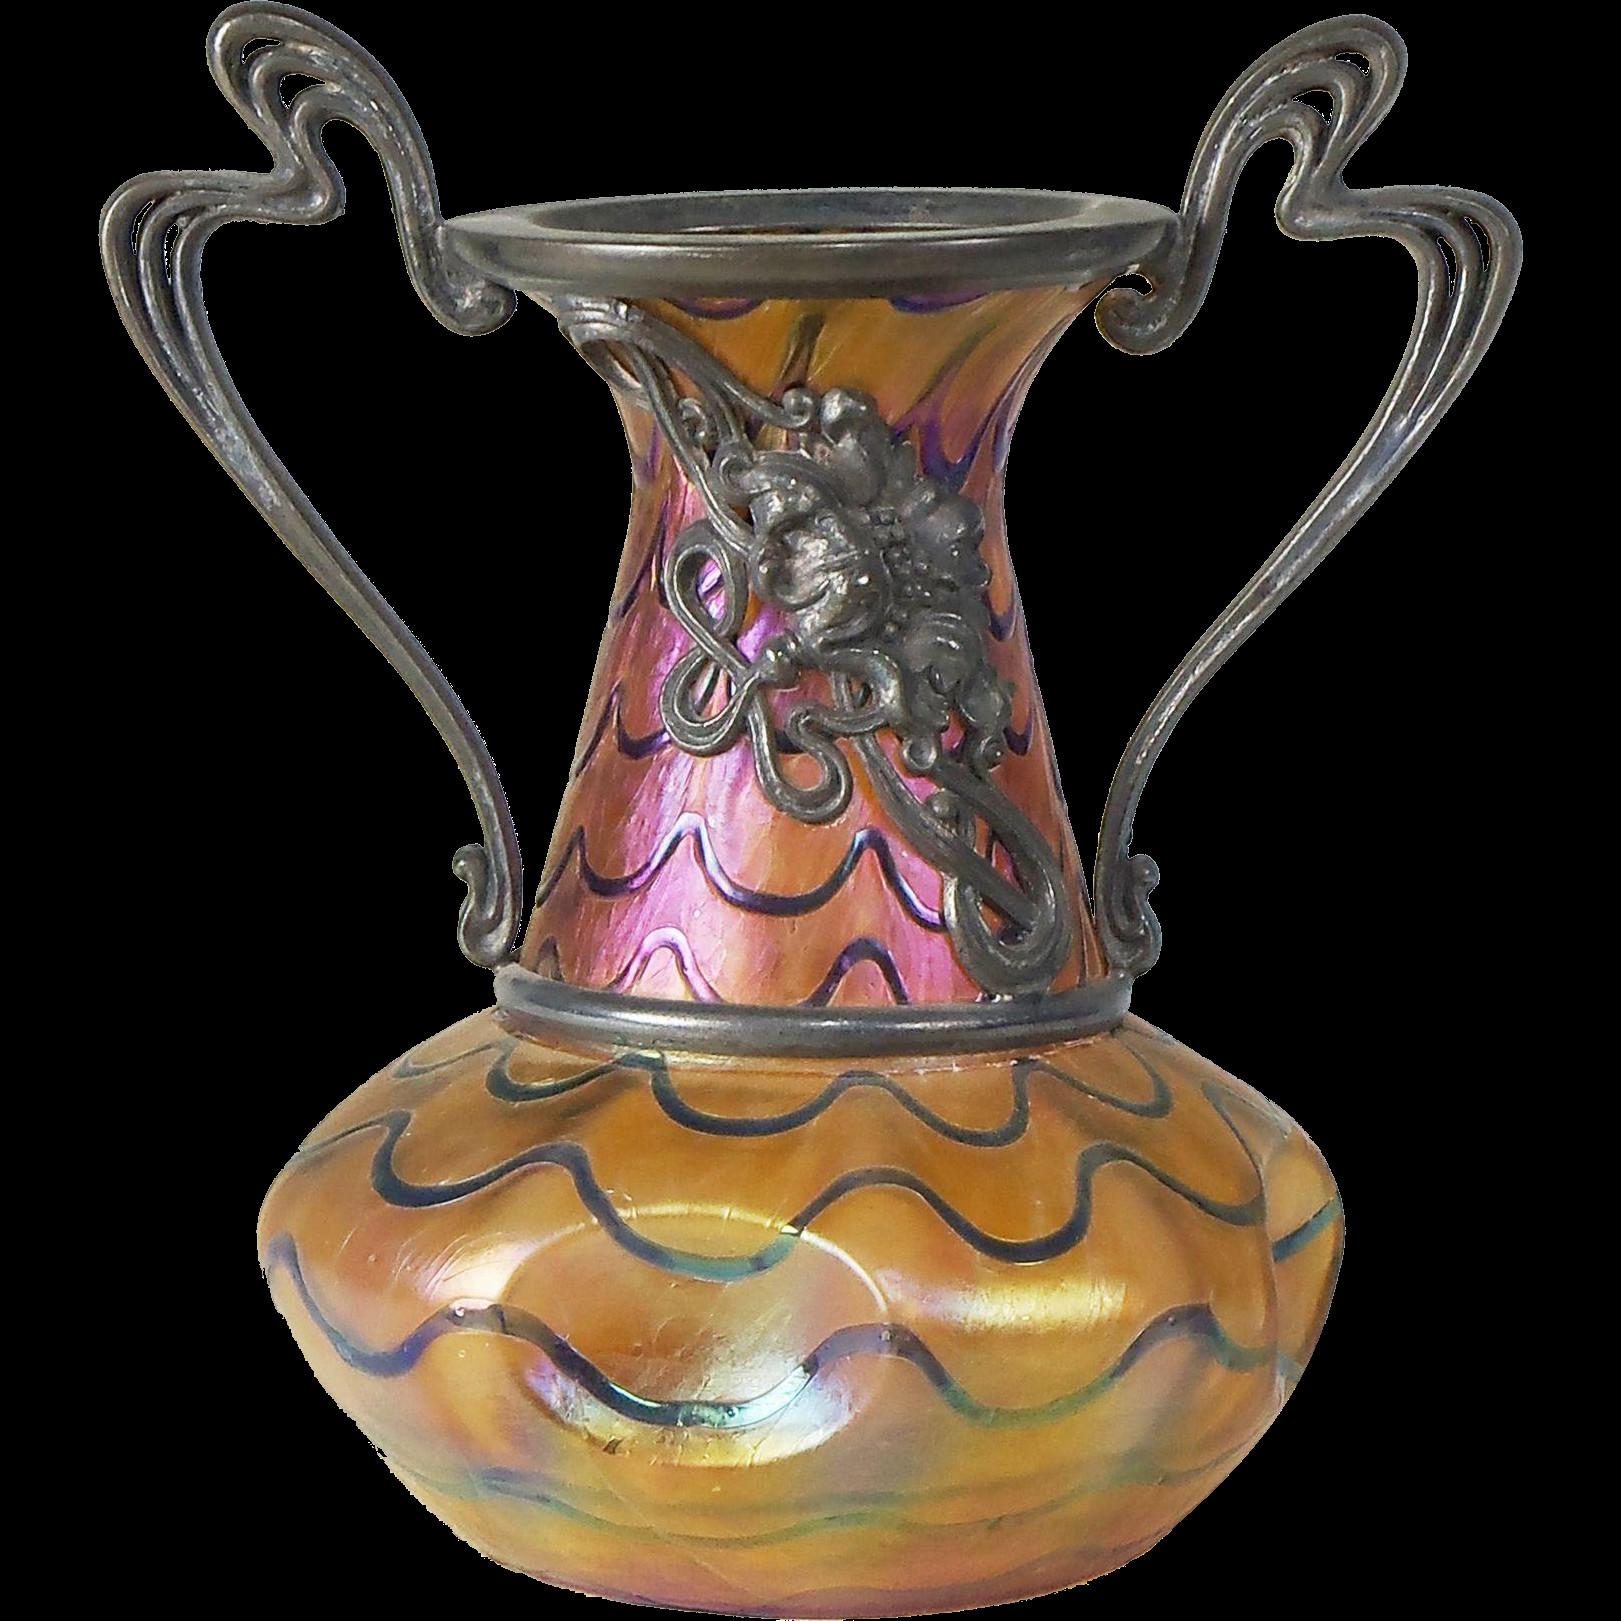 rose gold crackle vase of kralik iridescent blue on gold art glass vase with art nouveau metal inside kralik iridescent blue on gold art glass vase with art nouveau metal mounts antique art glass vase 19th century art glass